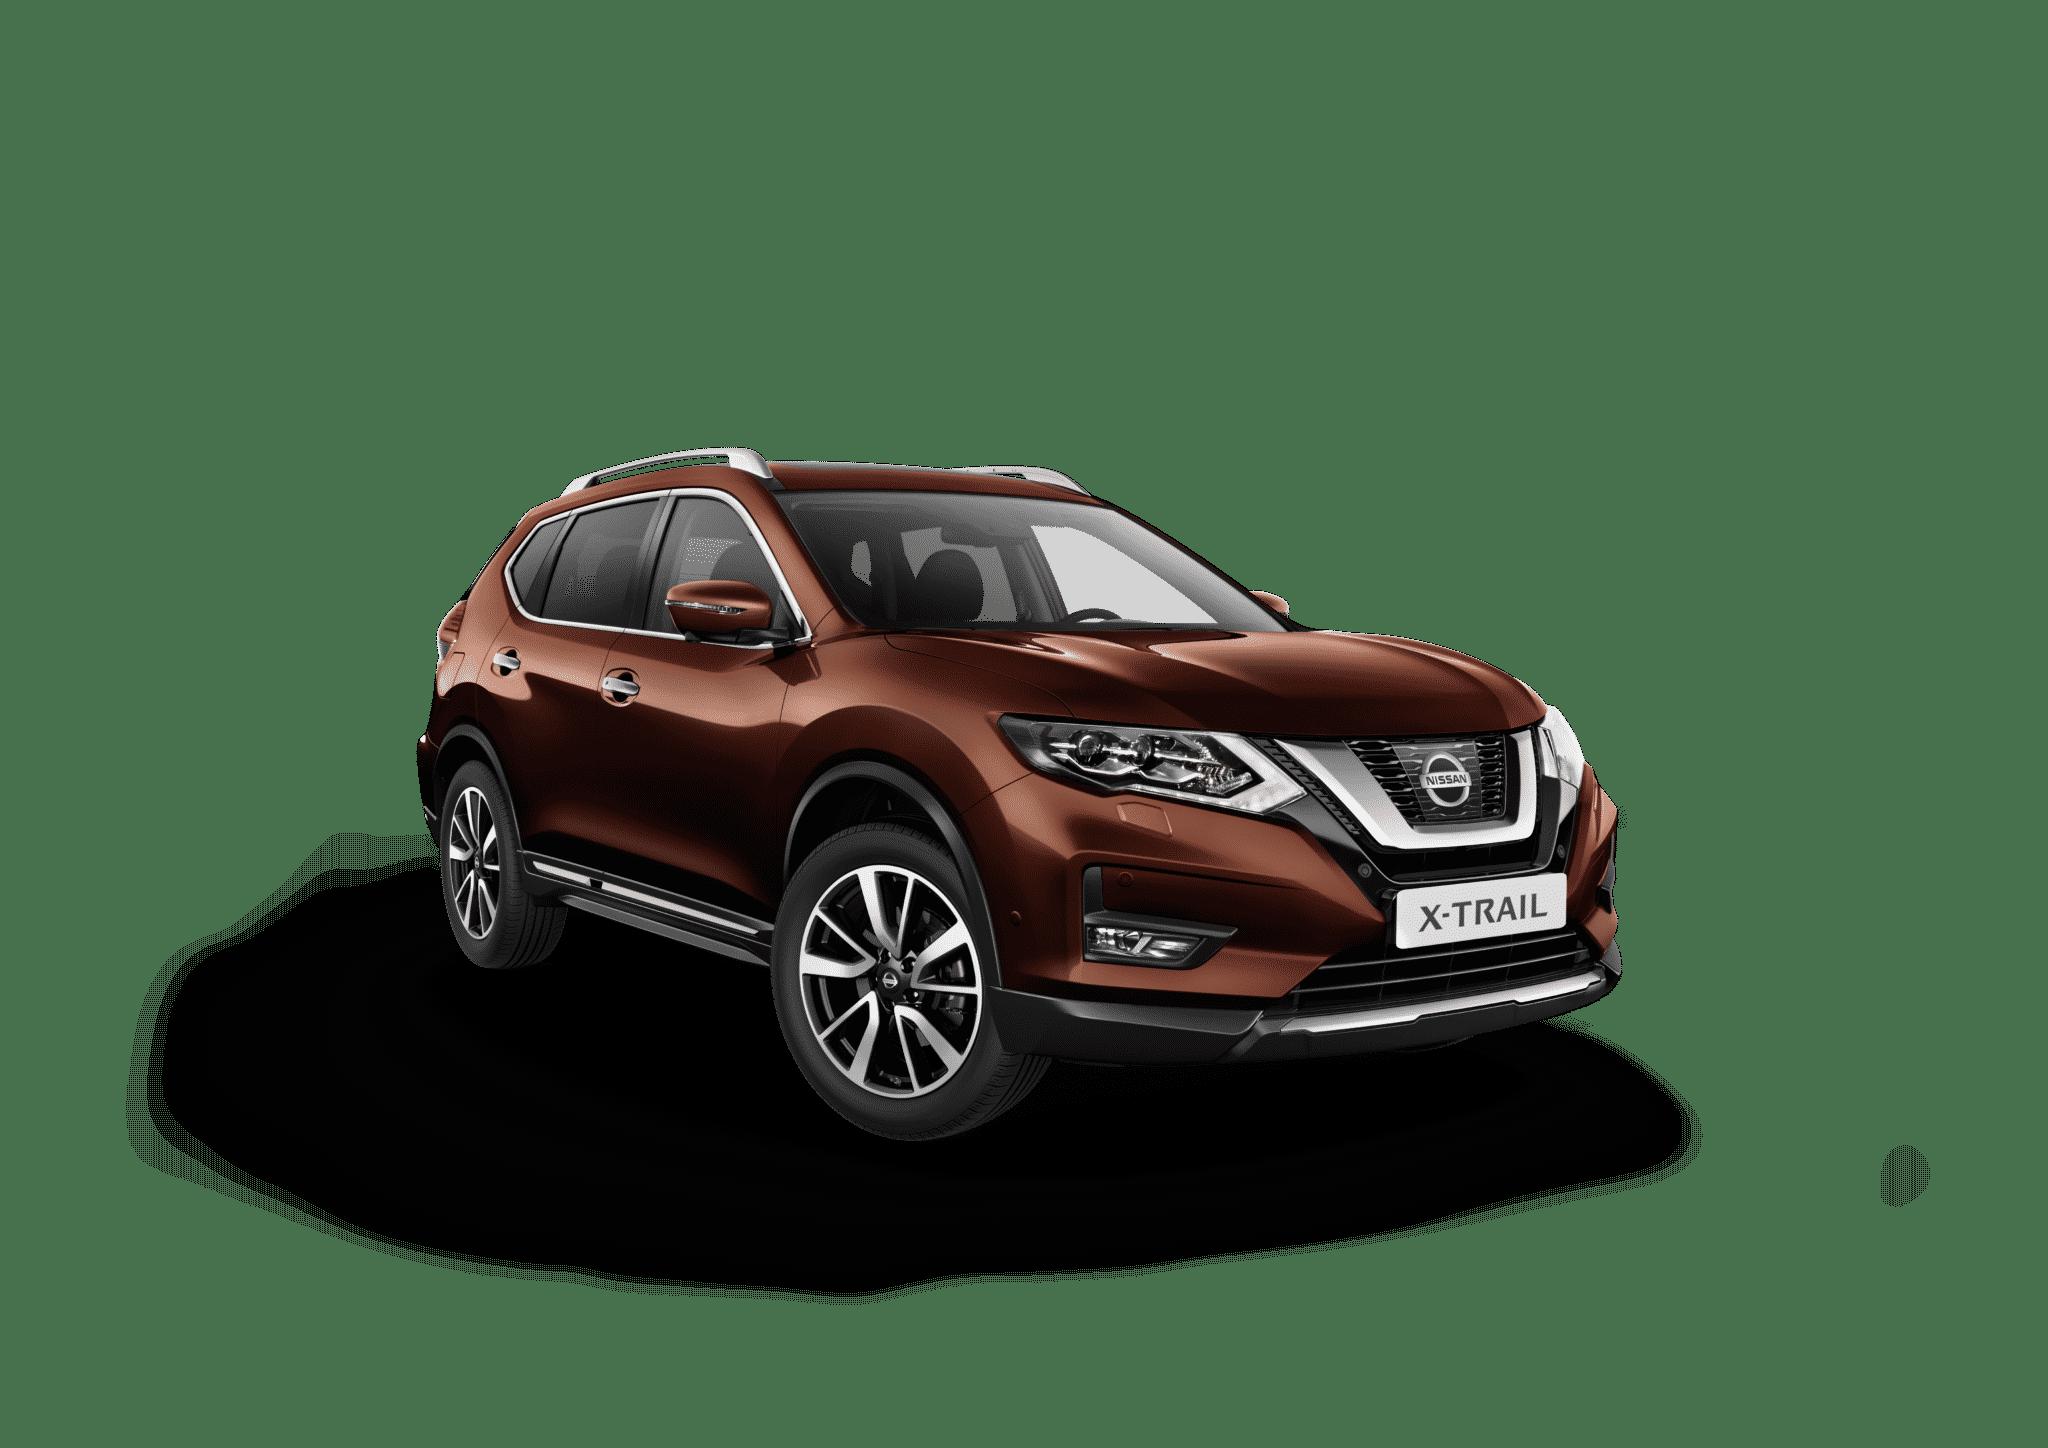 Nissan x-trail brun